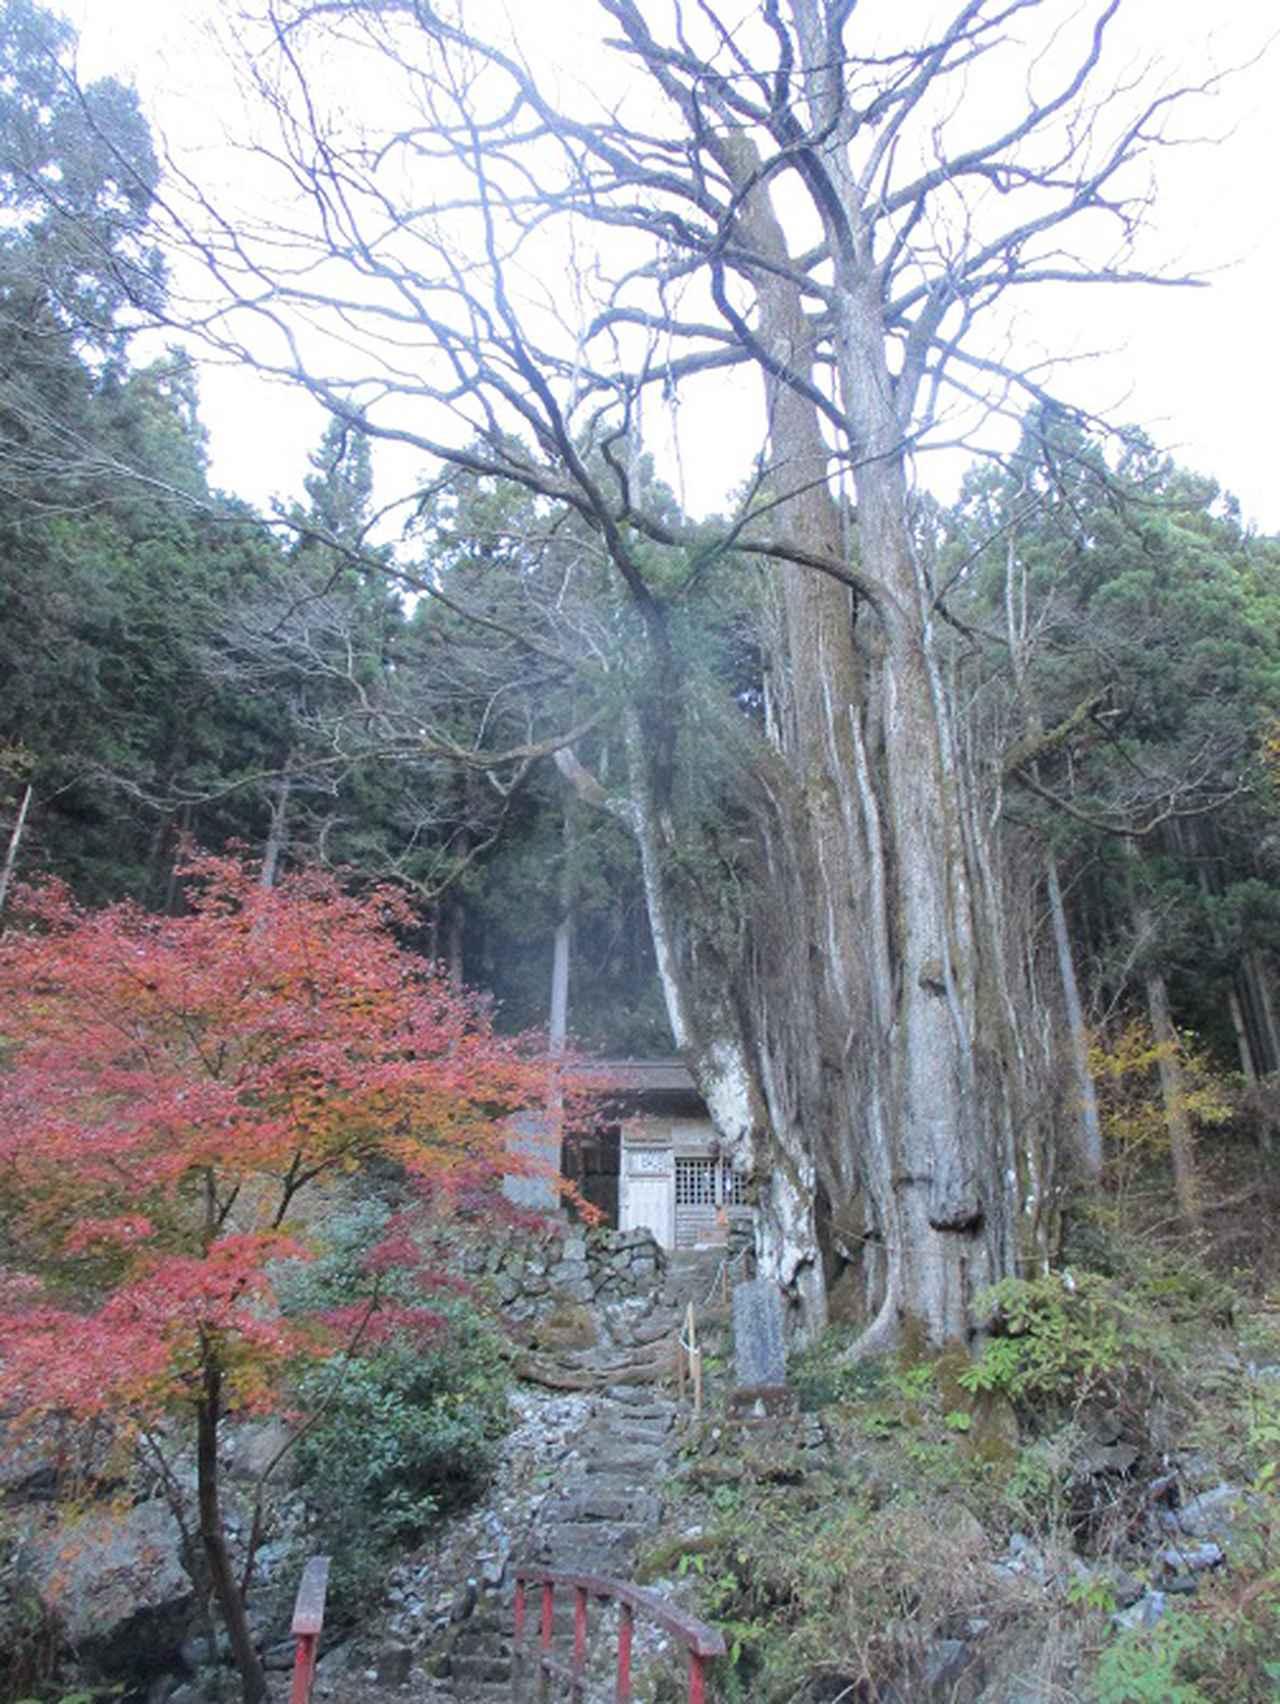 画像2: 12月の山旅会 生藤山 ツアーの下見に行ってきました!